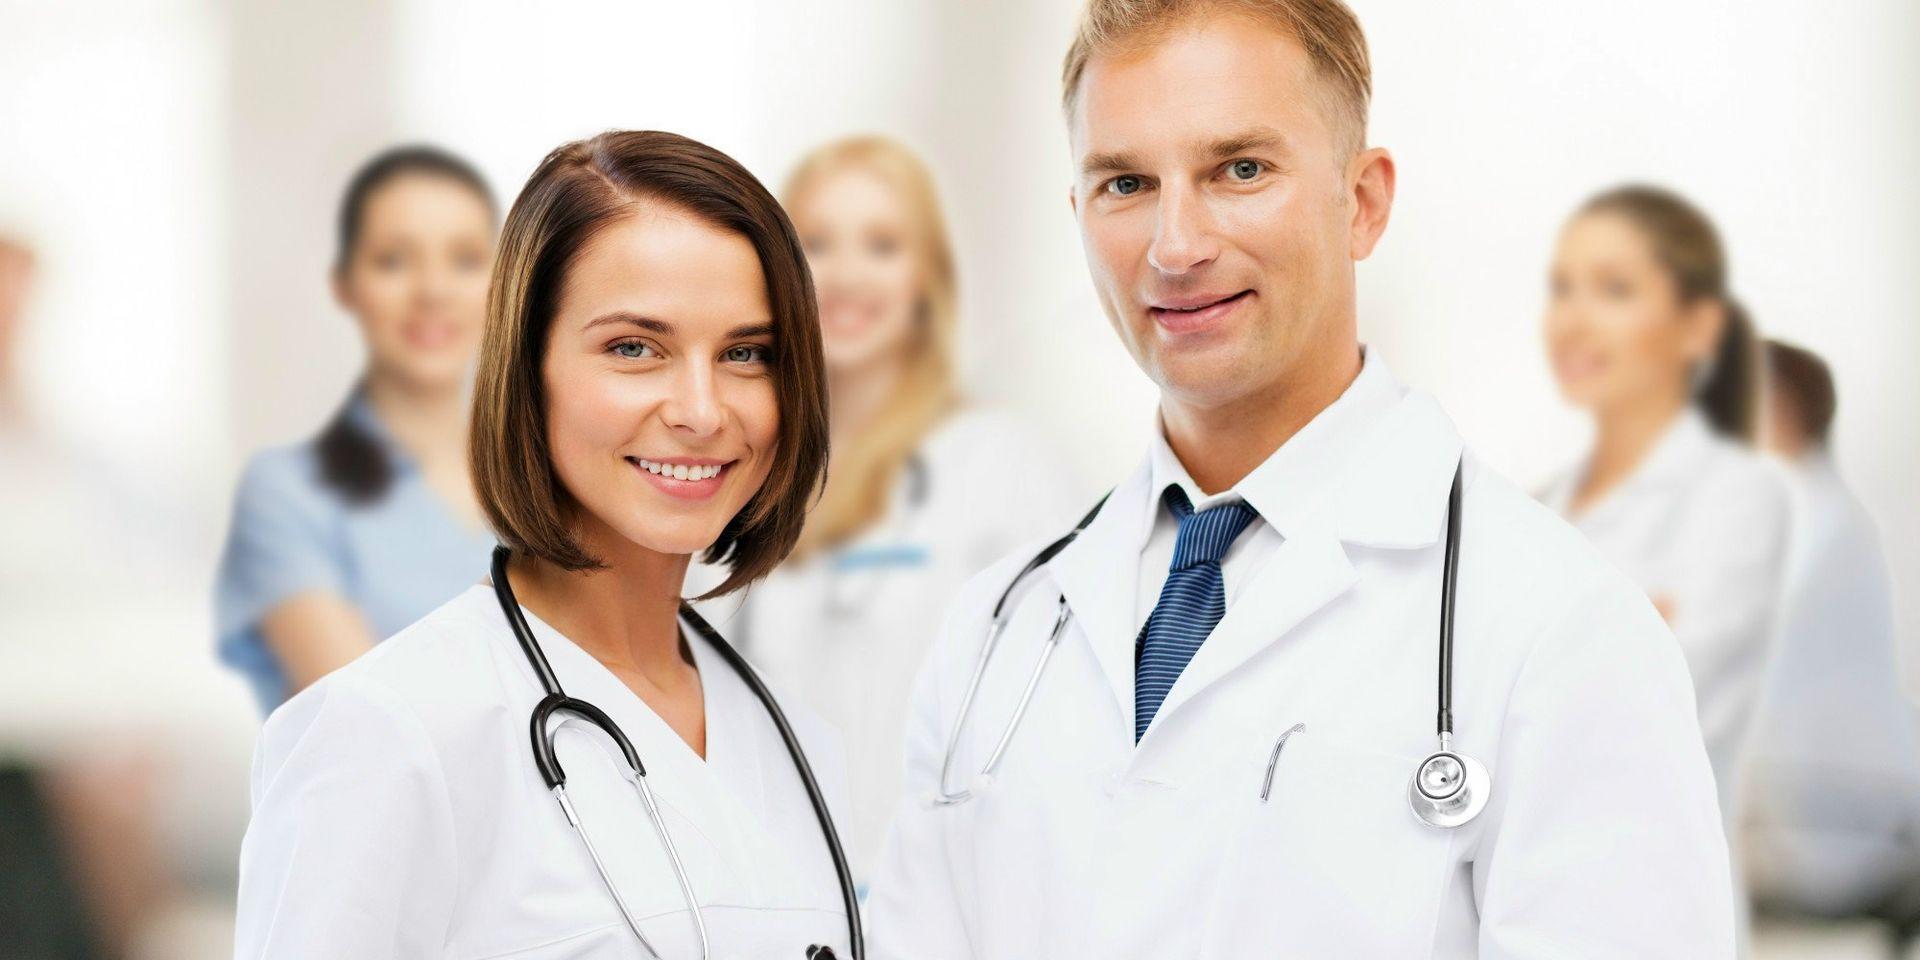 medical_doctors-medical